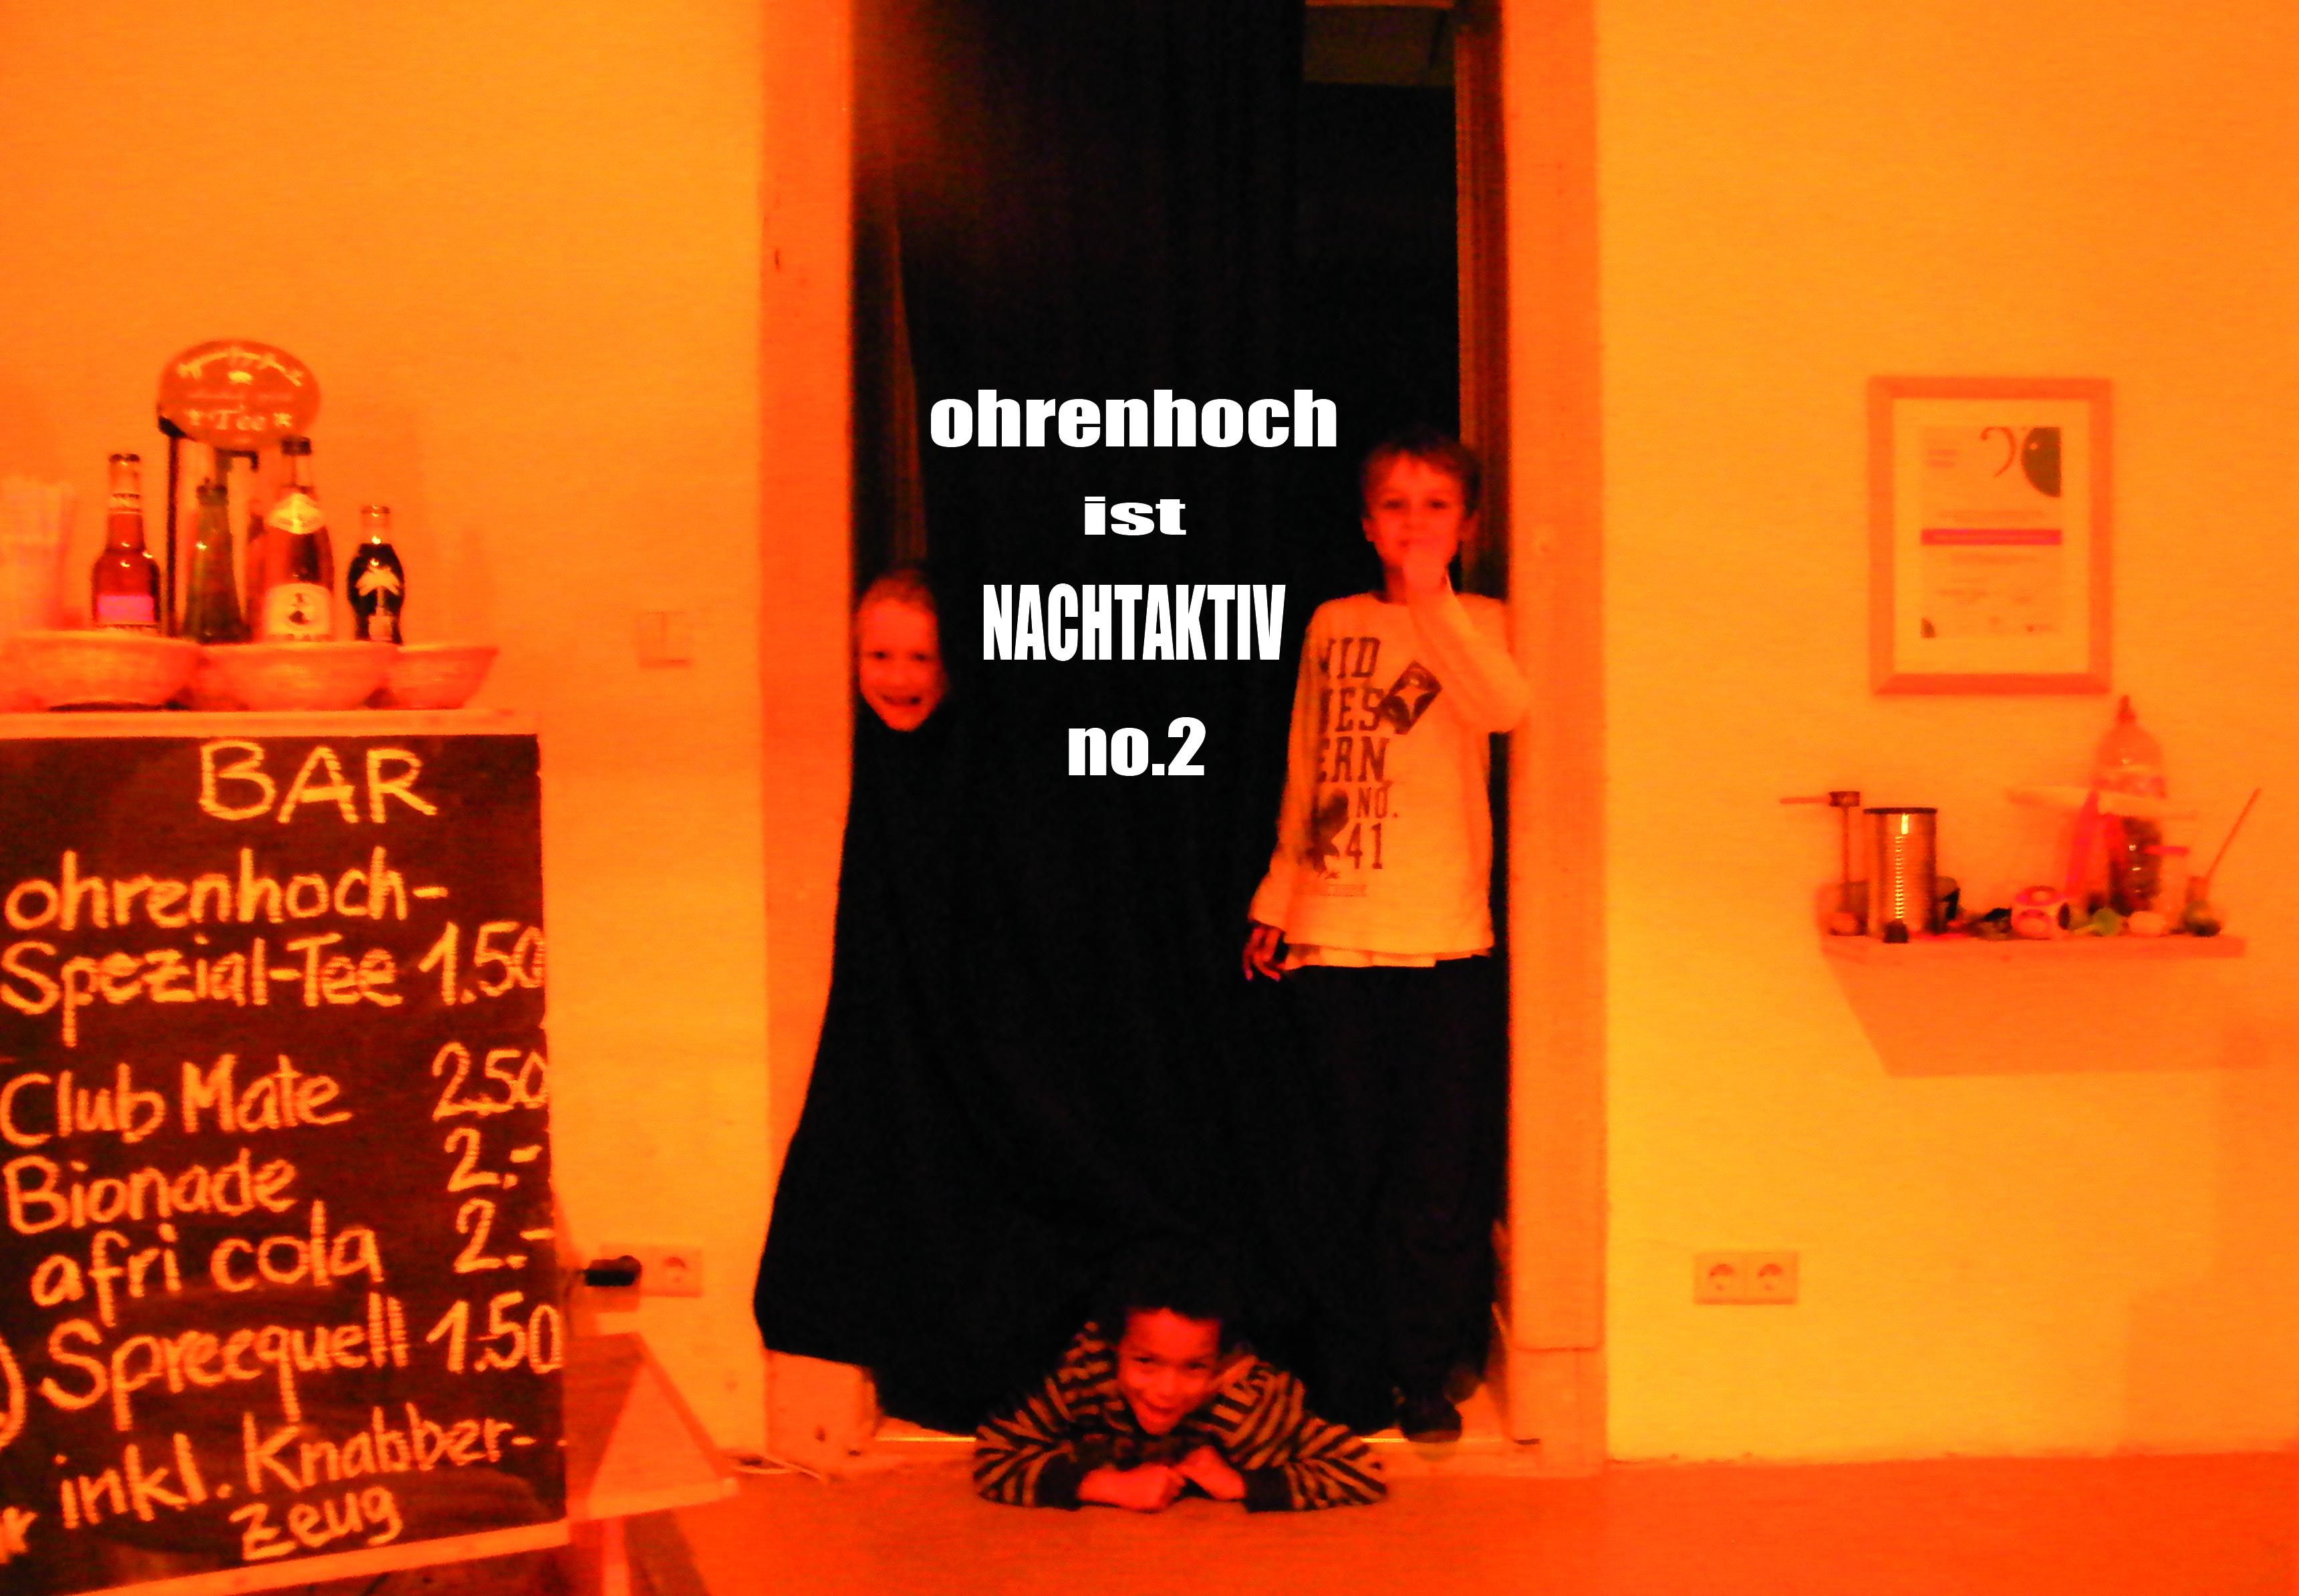 'ohrenhoch ist nachtaktiv no.2' 2011